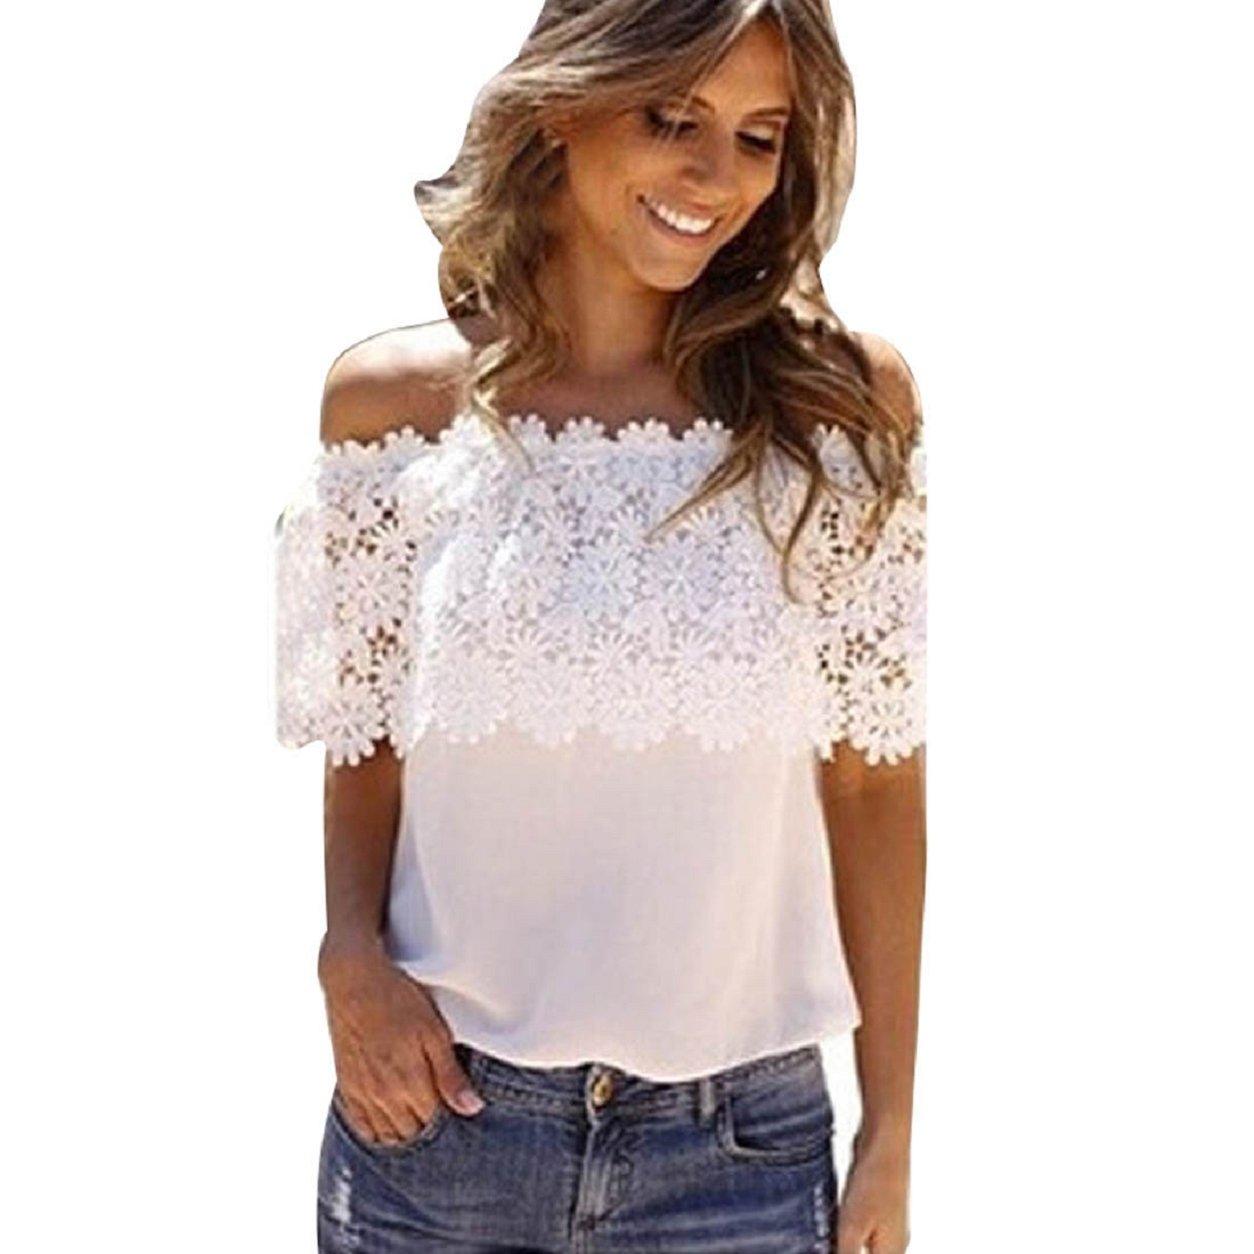 Malloom® moda Summer encantador mujer casual encaje de ganchillo camisas gasa Blusas Tops: Amazon.es: Ropa y accesorios